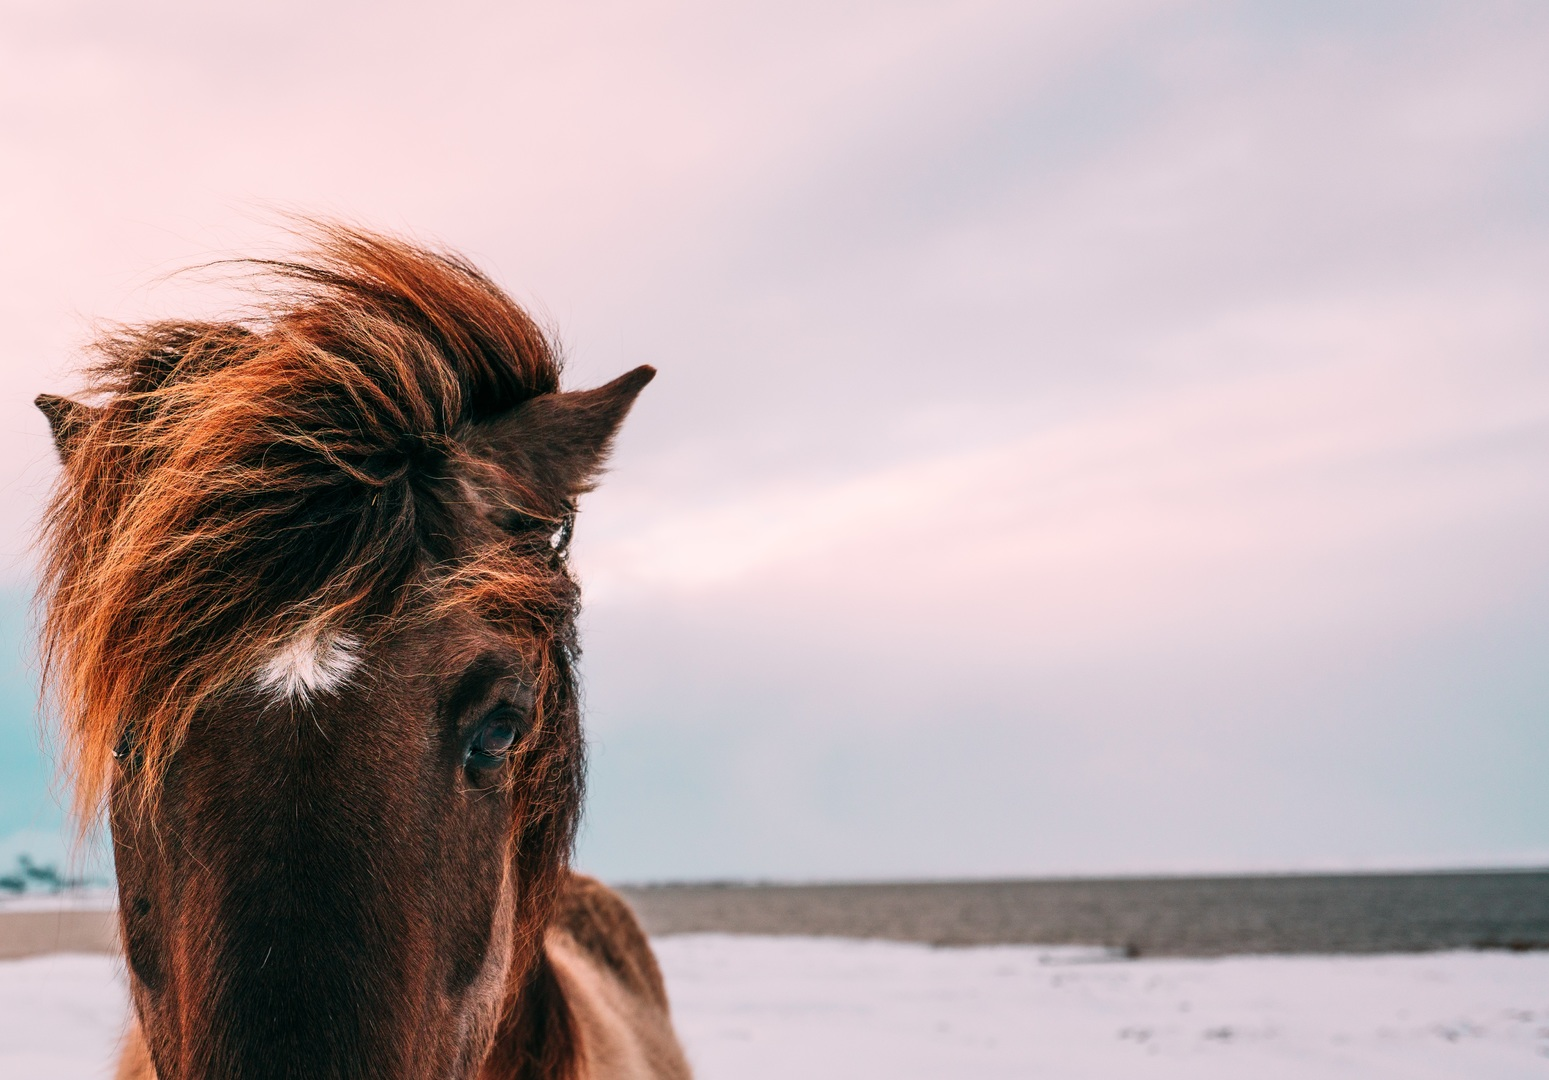 download wallpaper: paard aan het strand wallpaper